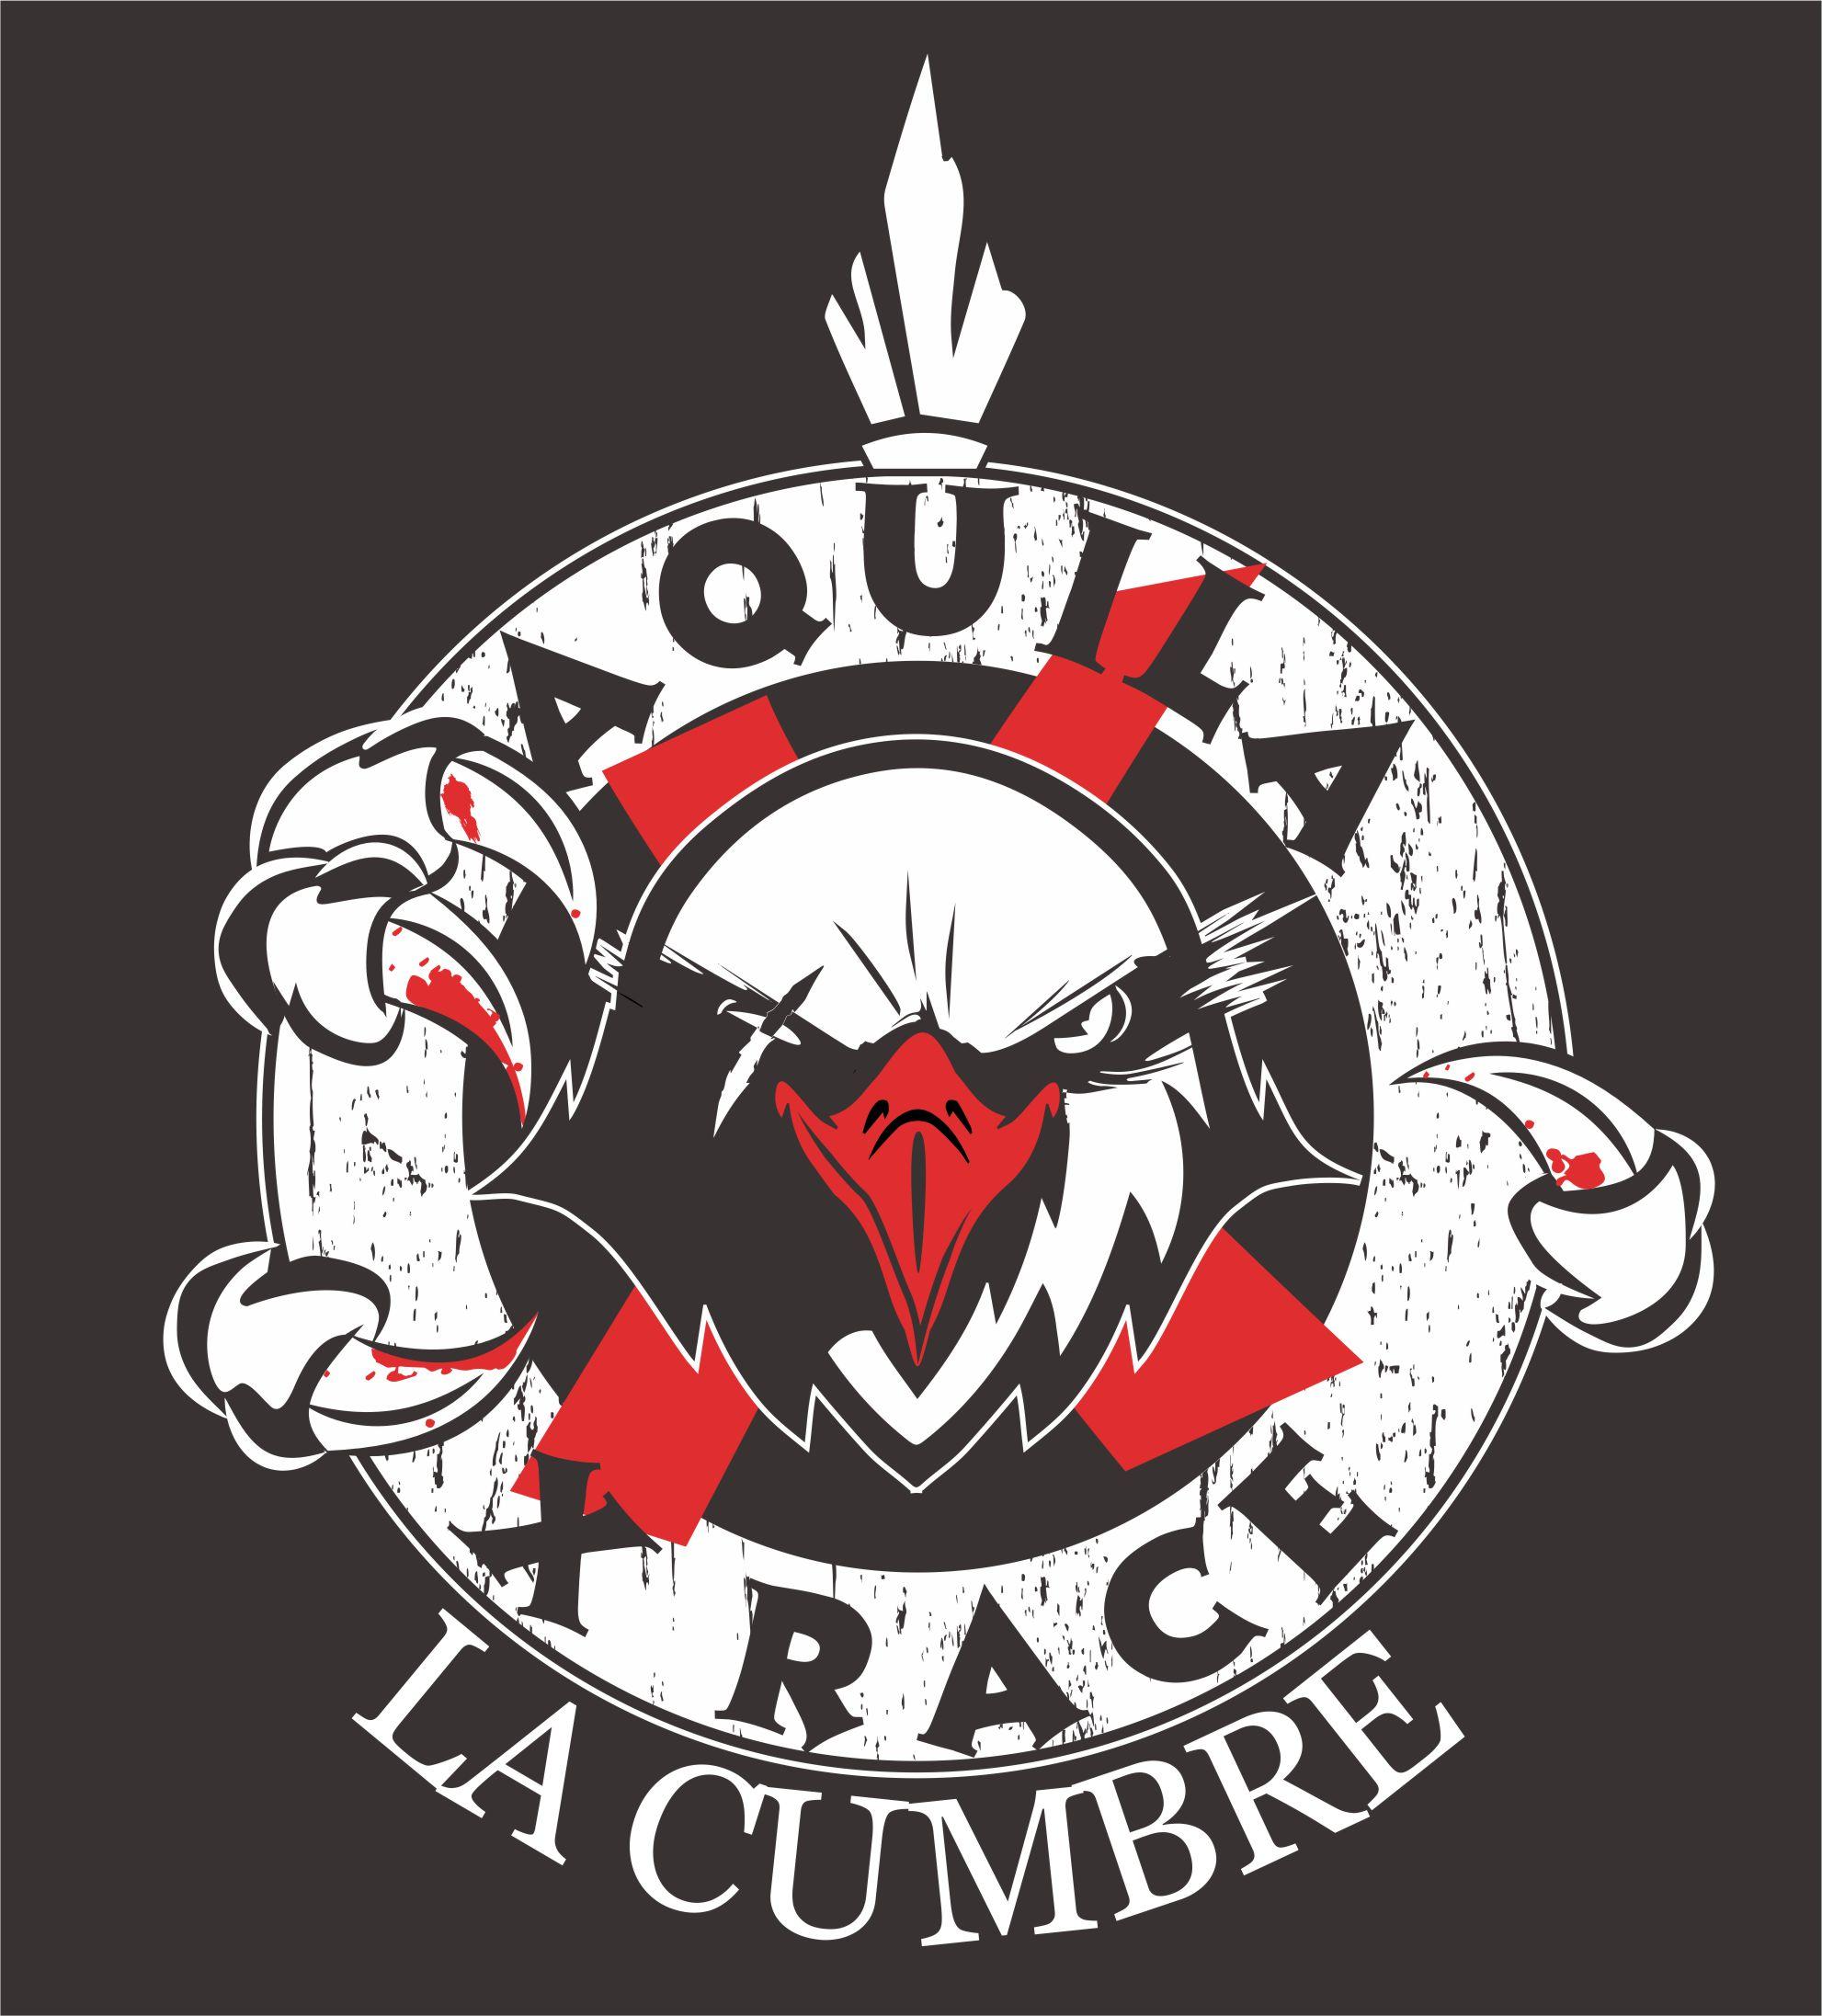 Aquila XRace La Cumbre